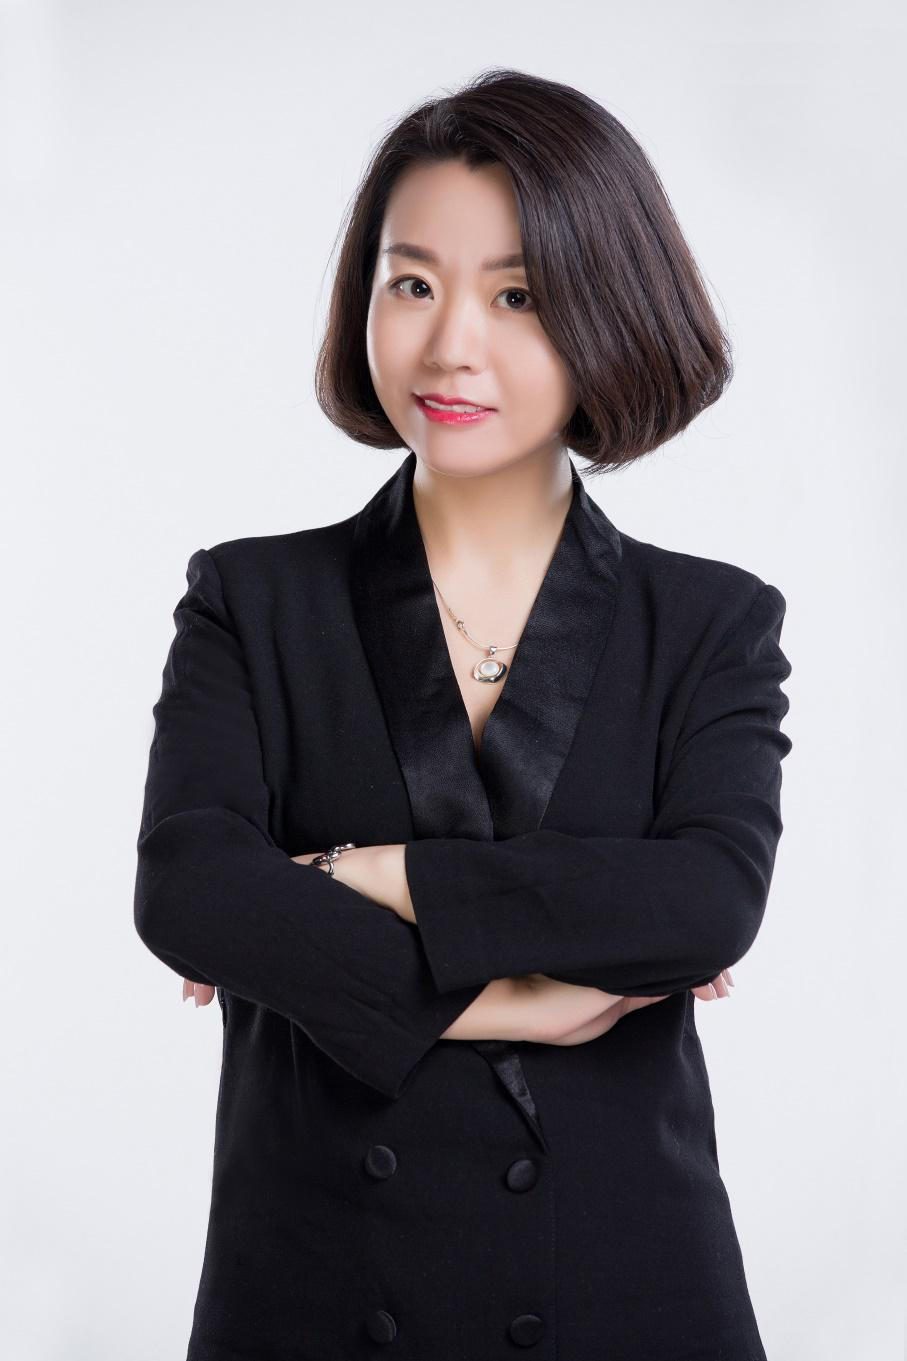 奇瑞汽车股份有限公司总助与营销执行副总赵焕